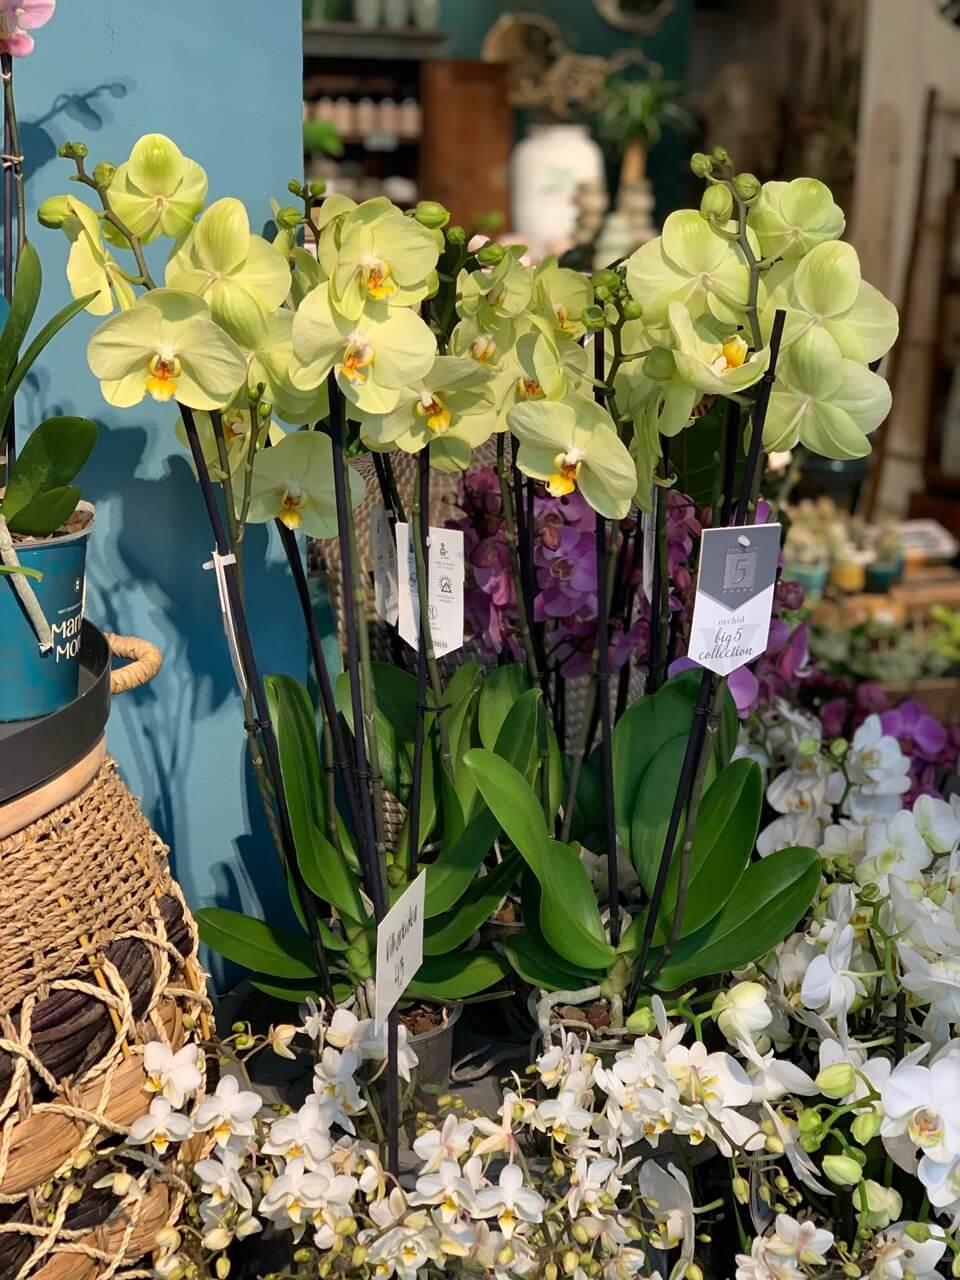 kauniainen kukkakauppa